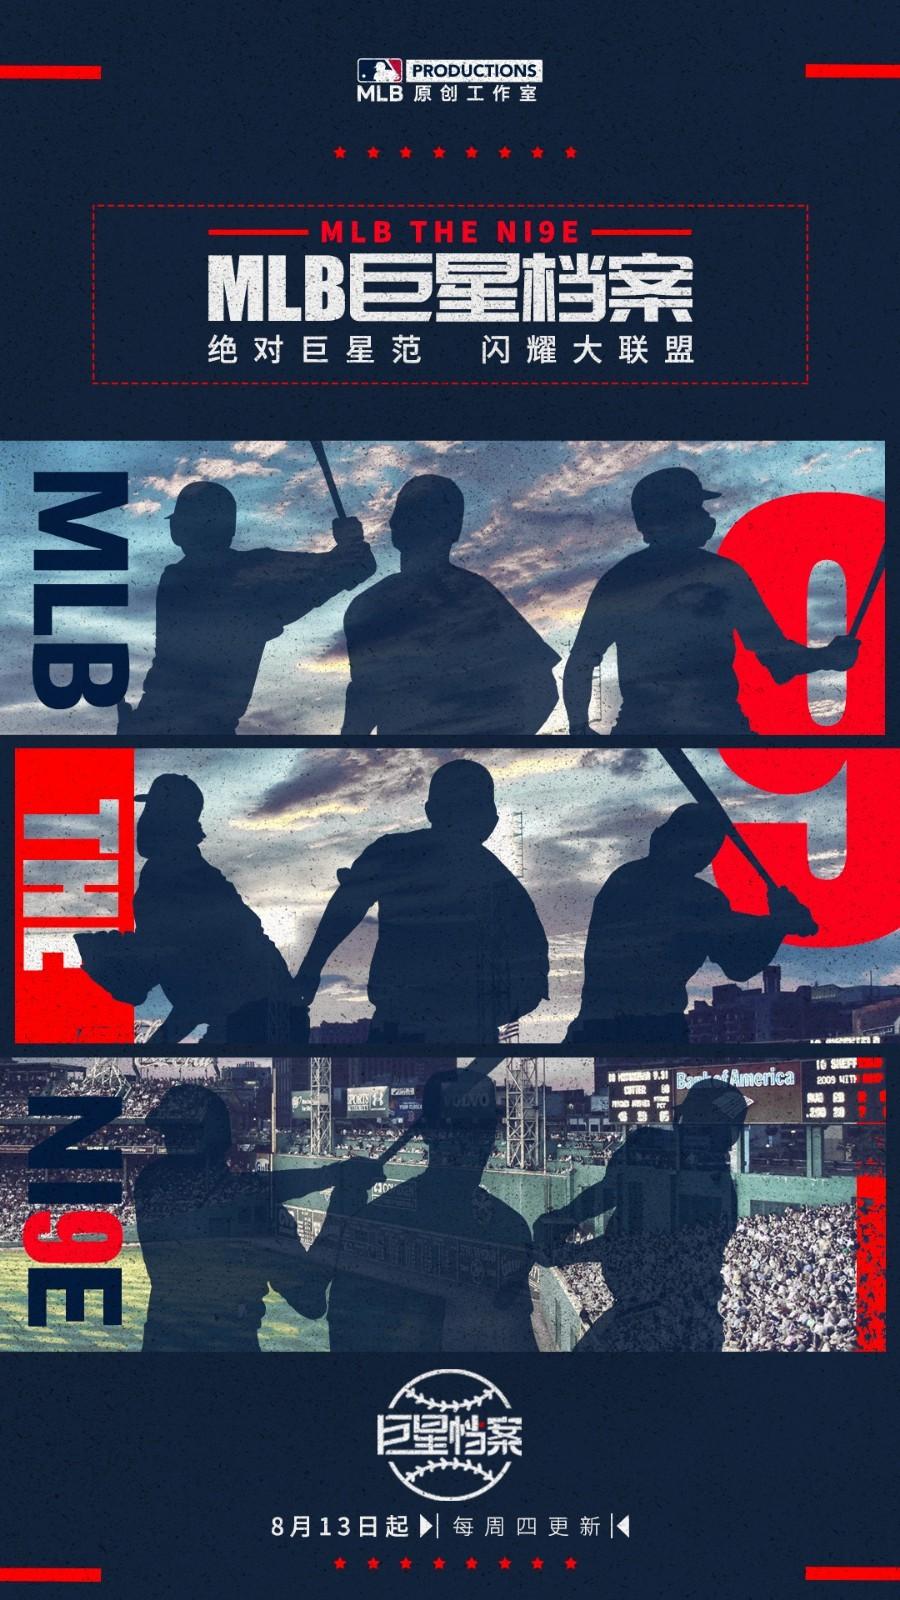 《MLB巨星档案》上线,九大巨星带你领略棒球魅力